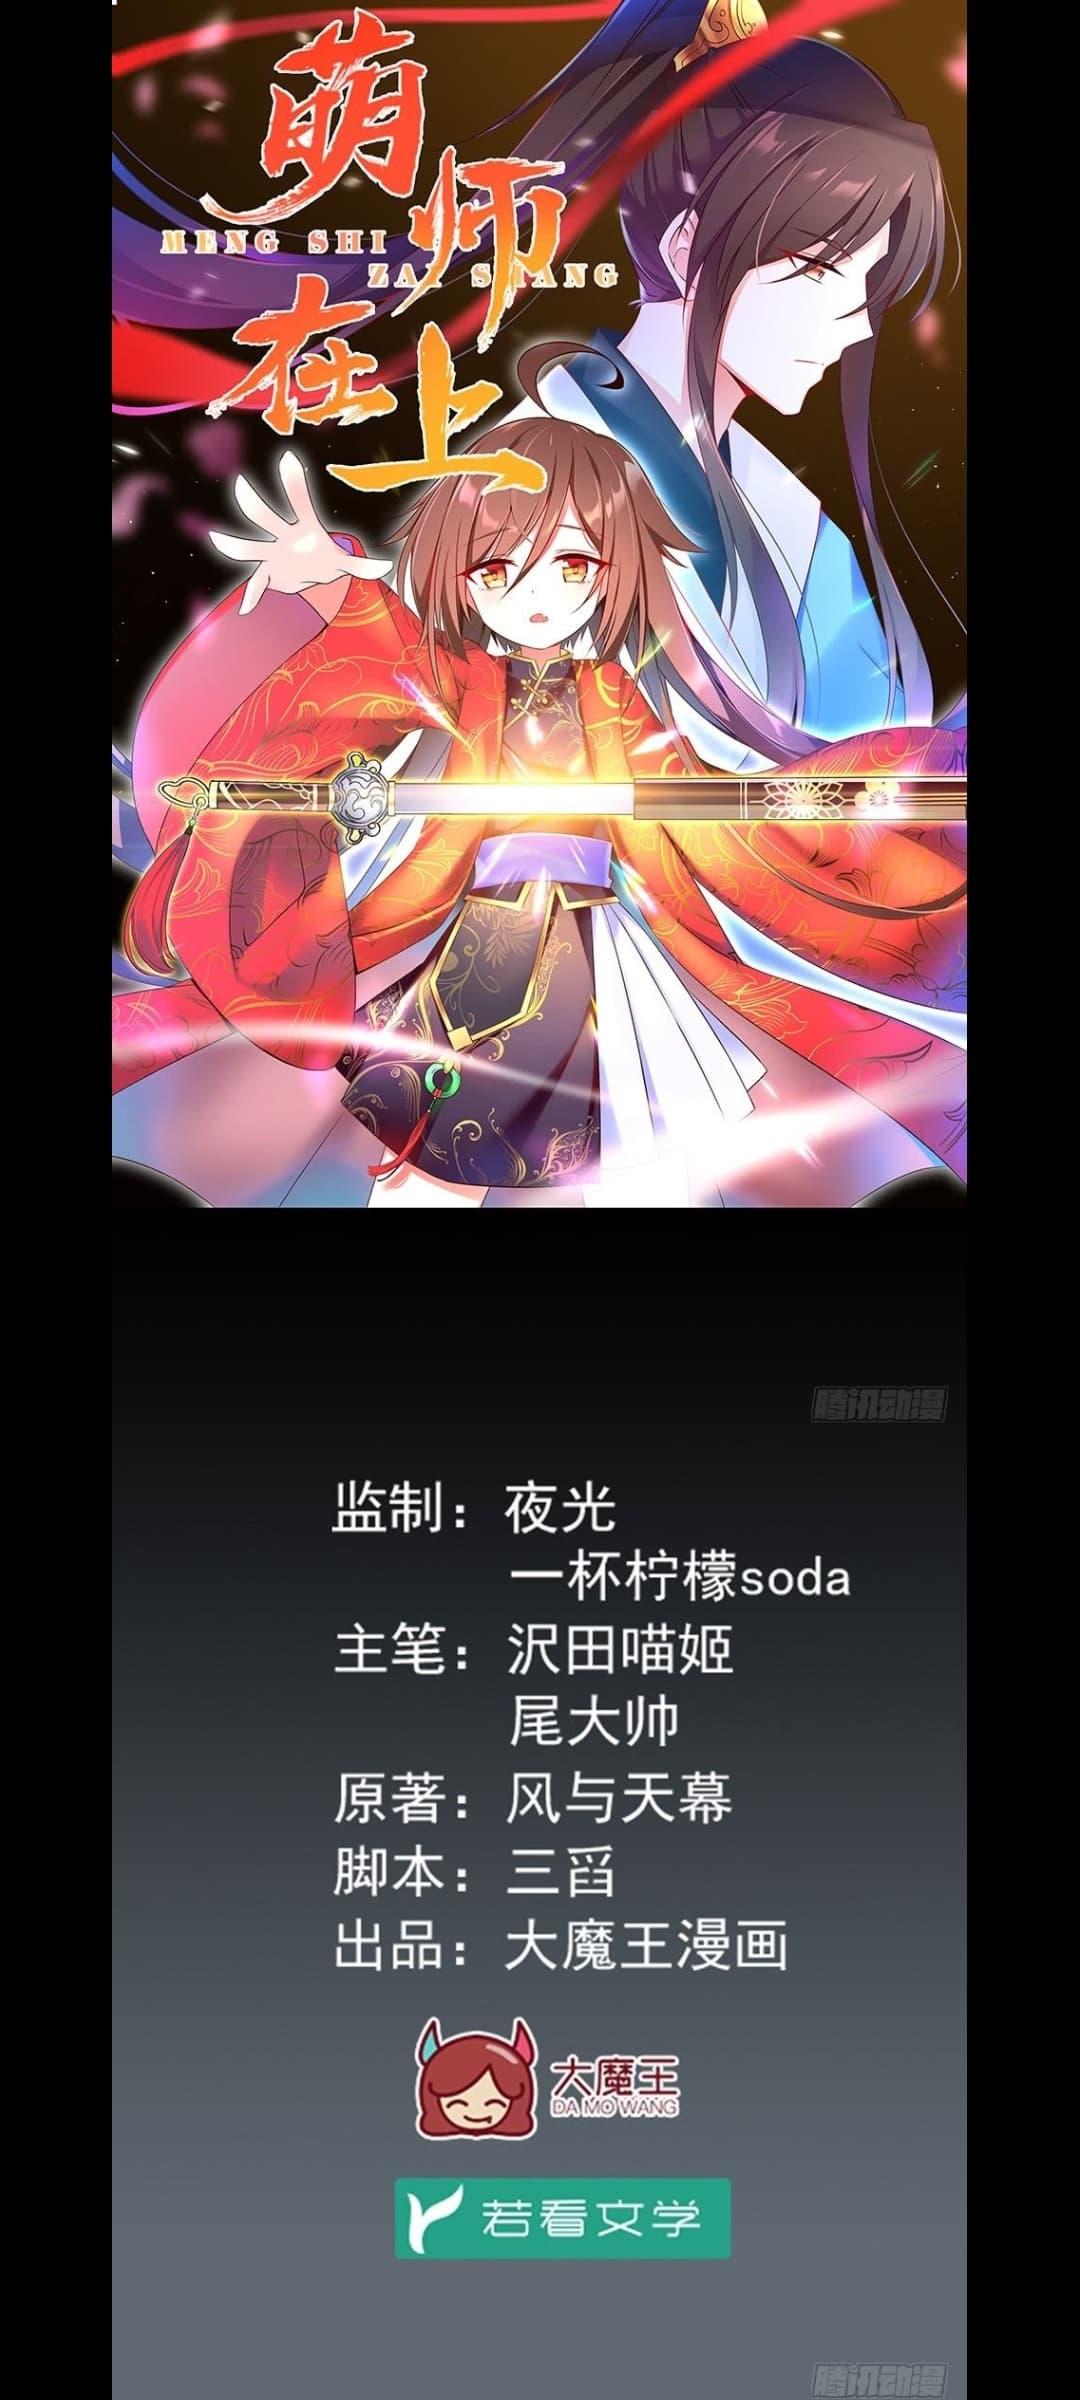 Meng Shi Zai Shang-ตอนที่ 8